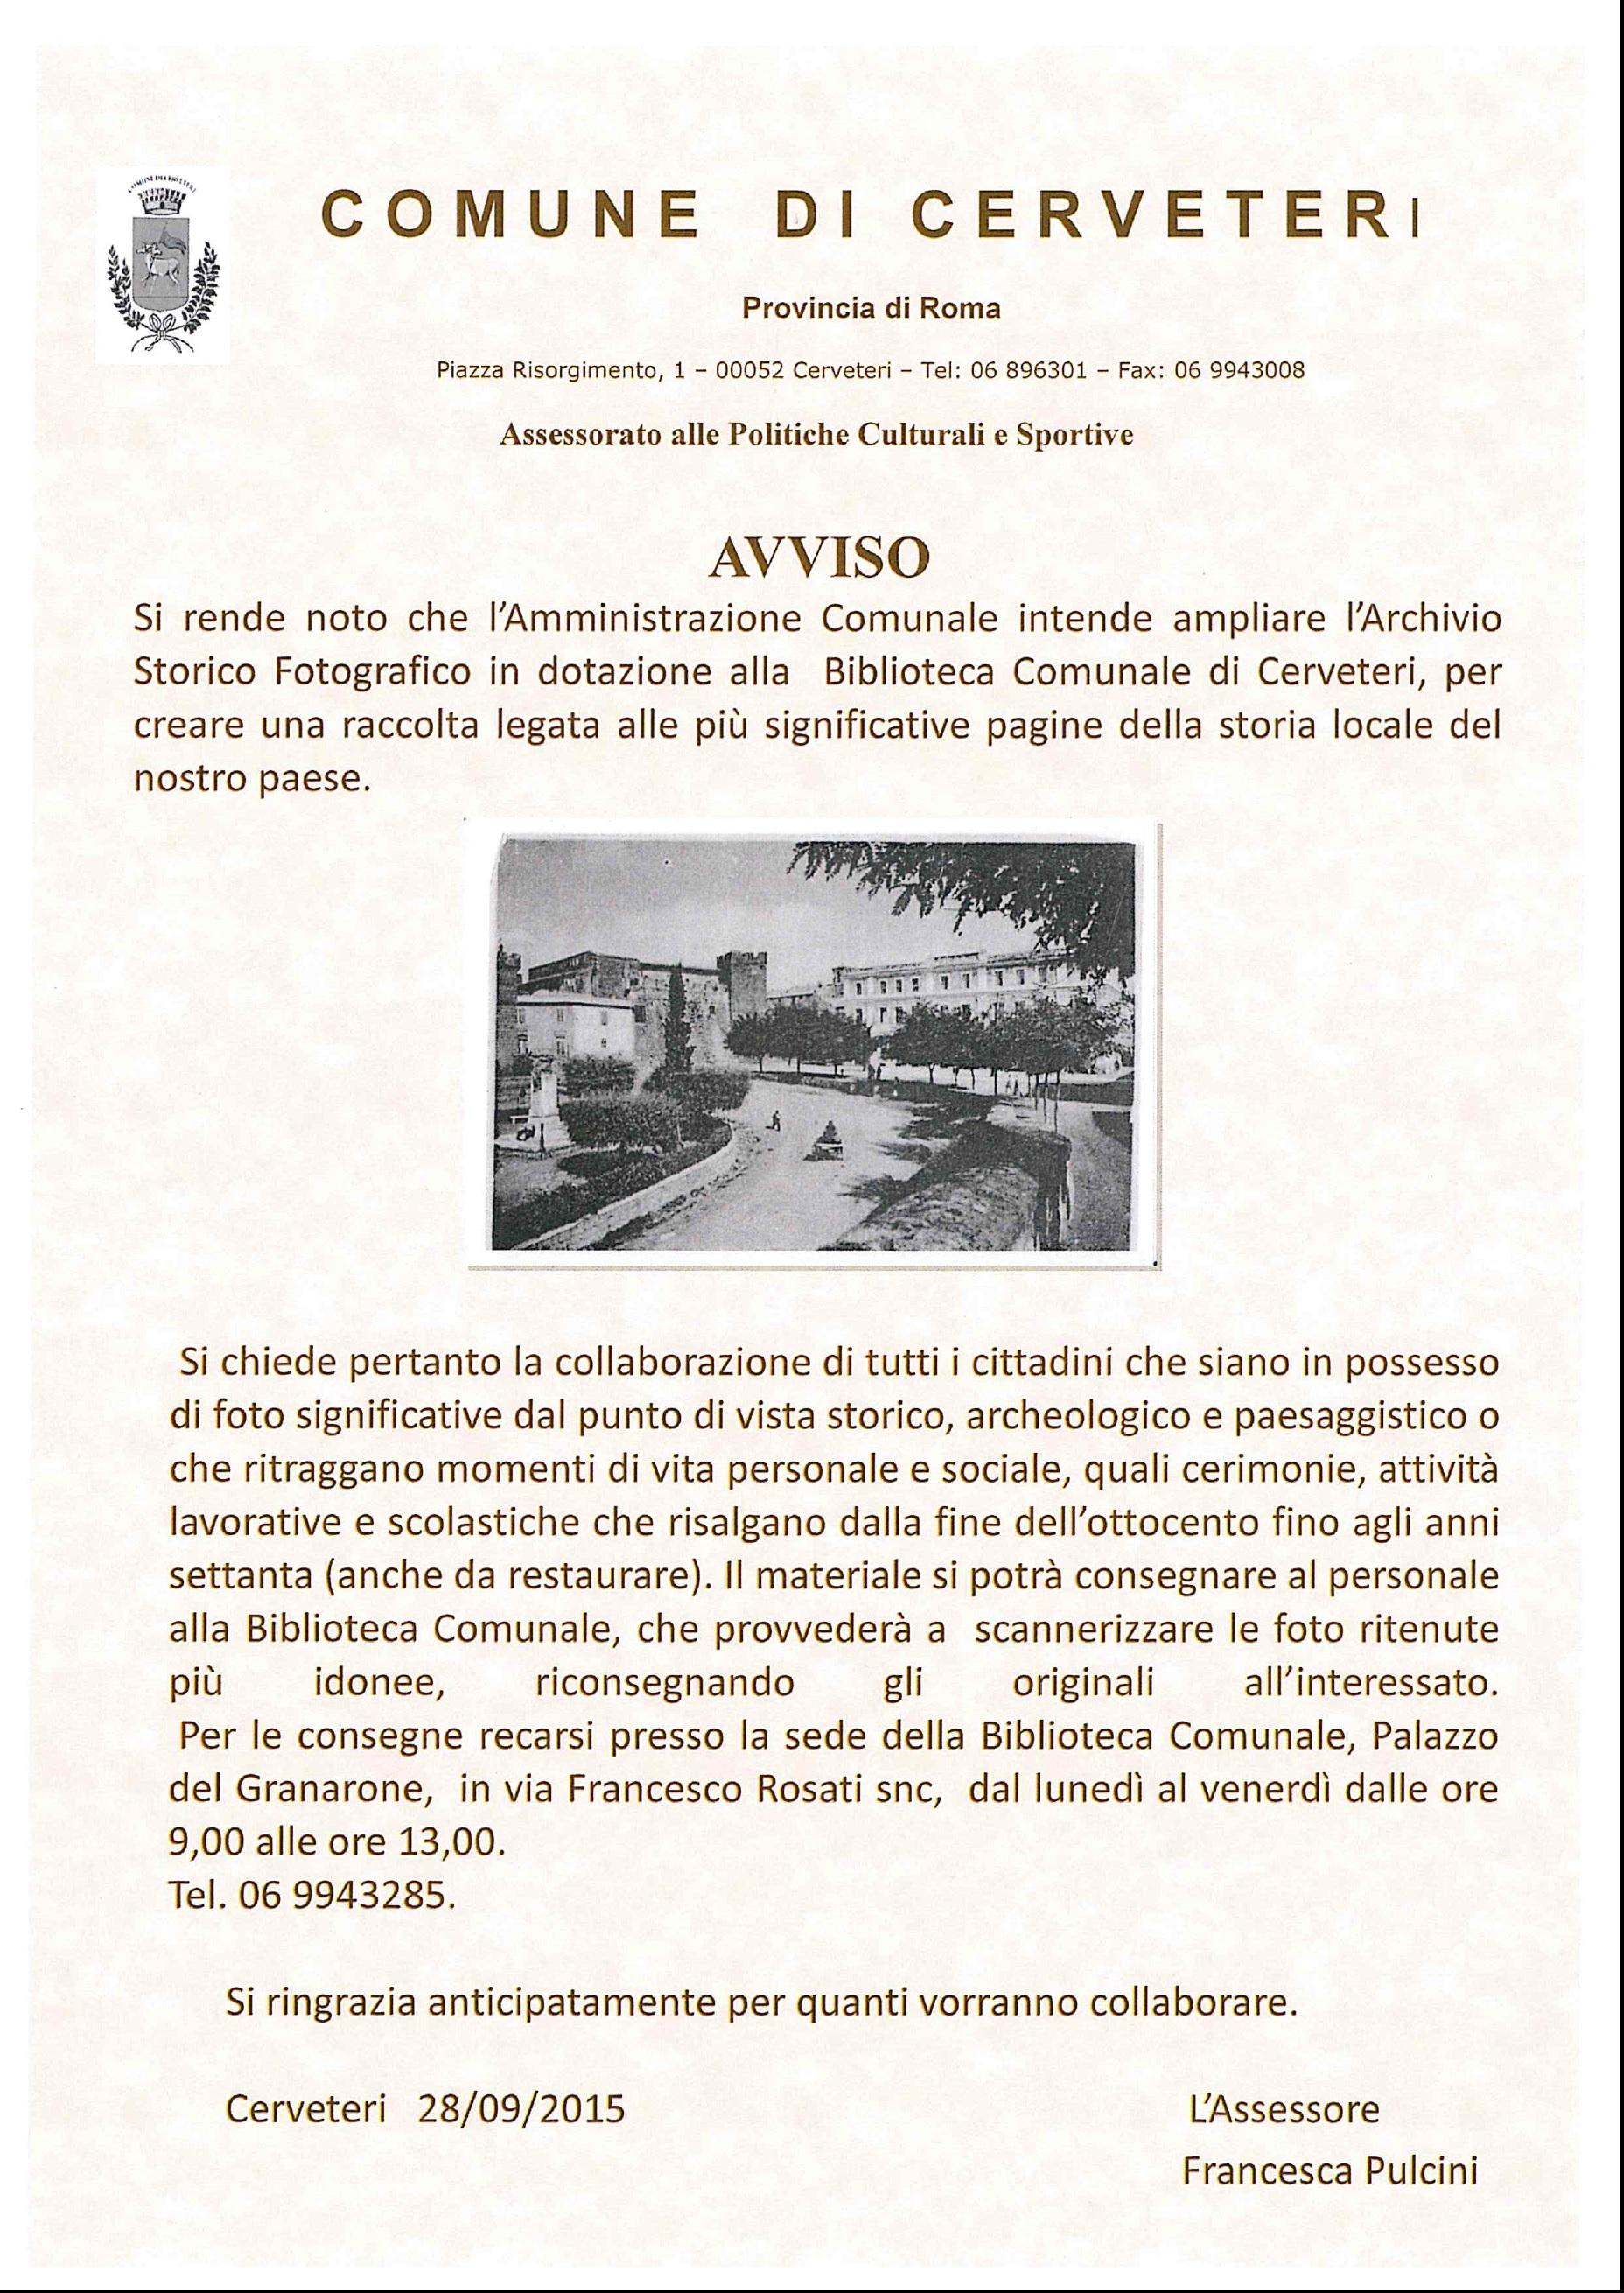 AVVISO reperimento di foto storiche per l'ampliamento dell'archivio storico fotografico comunale.